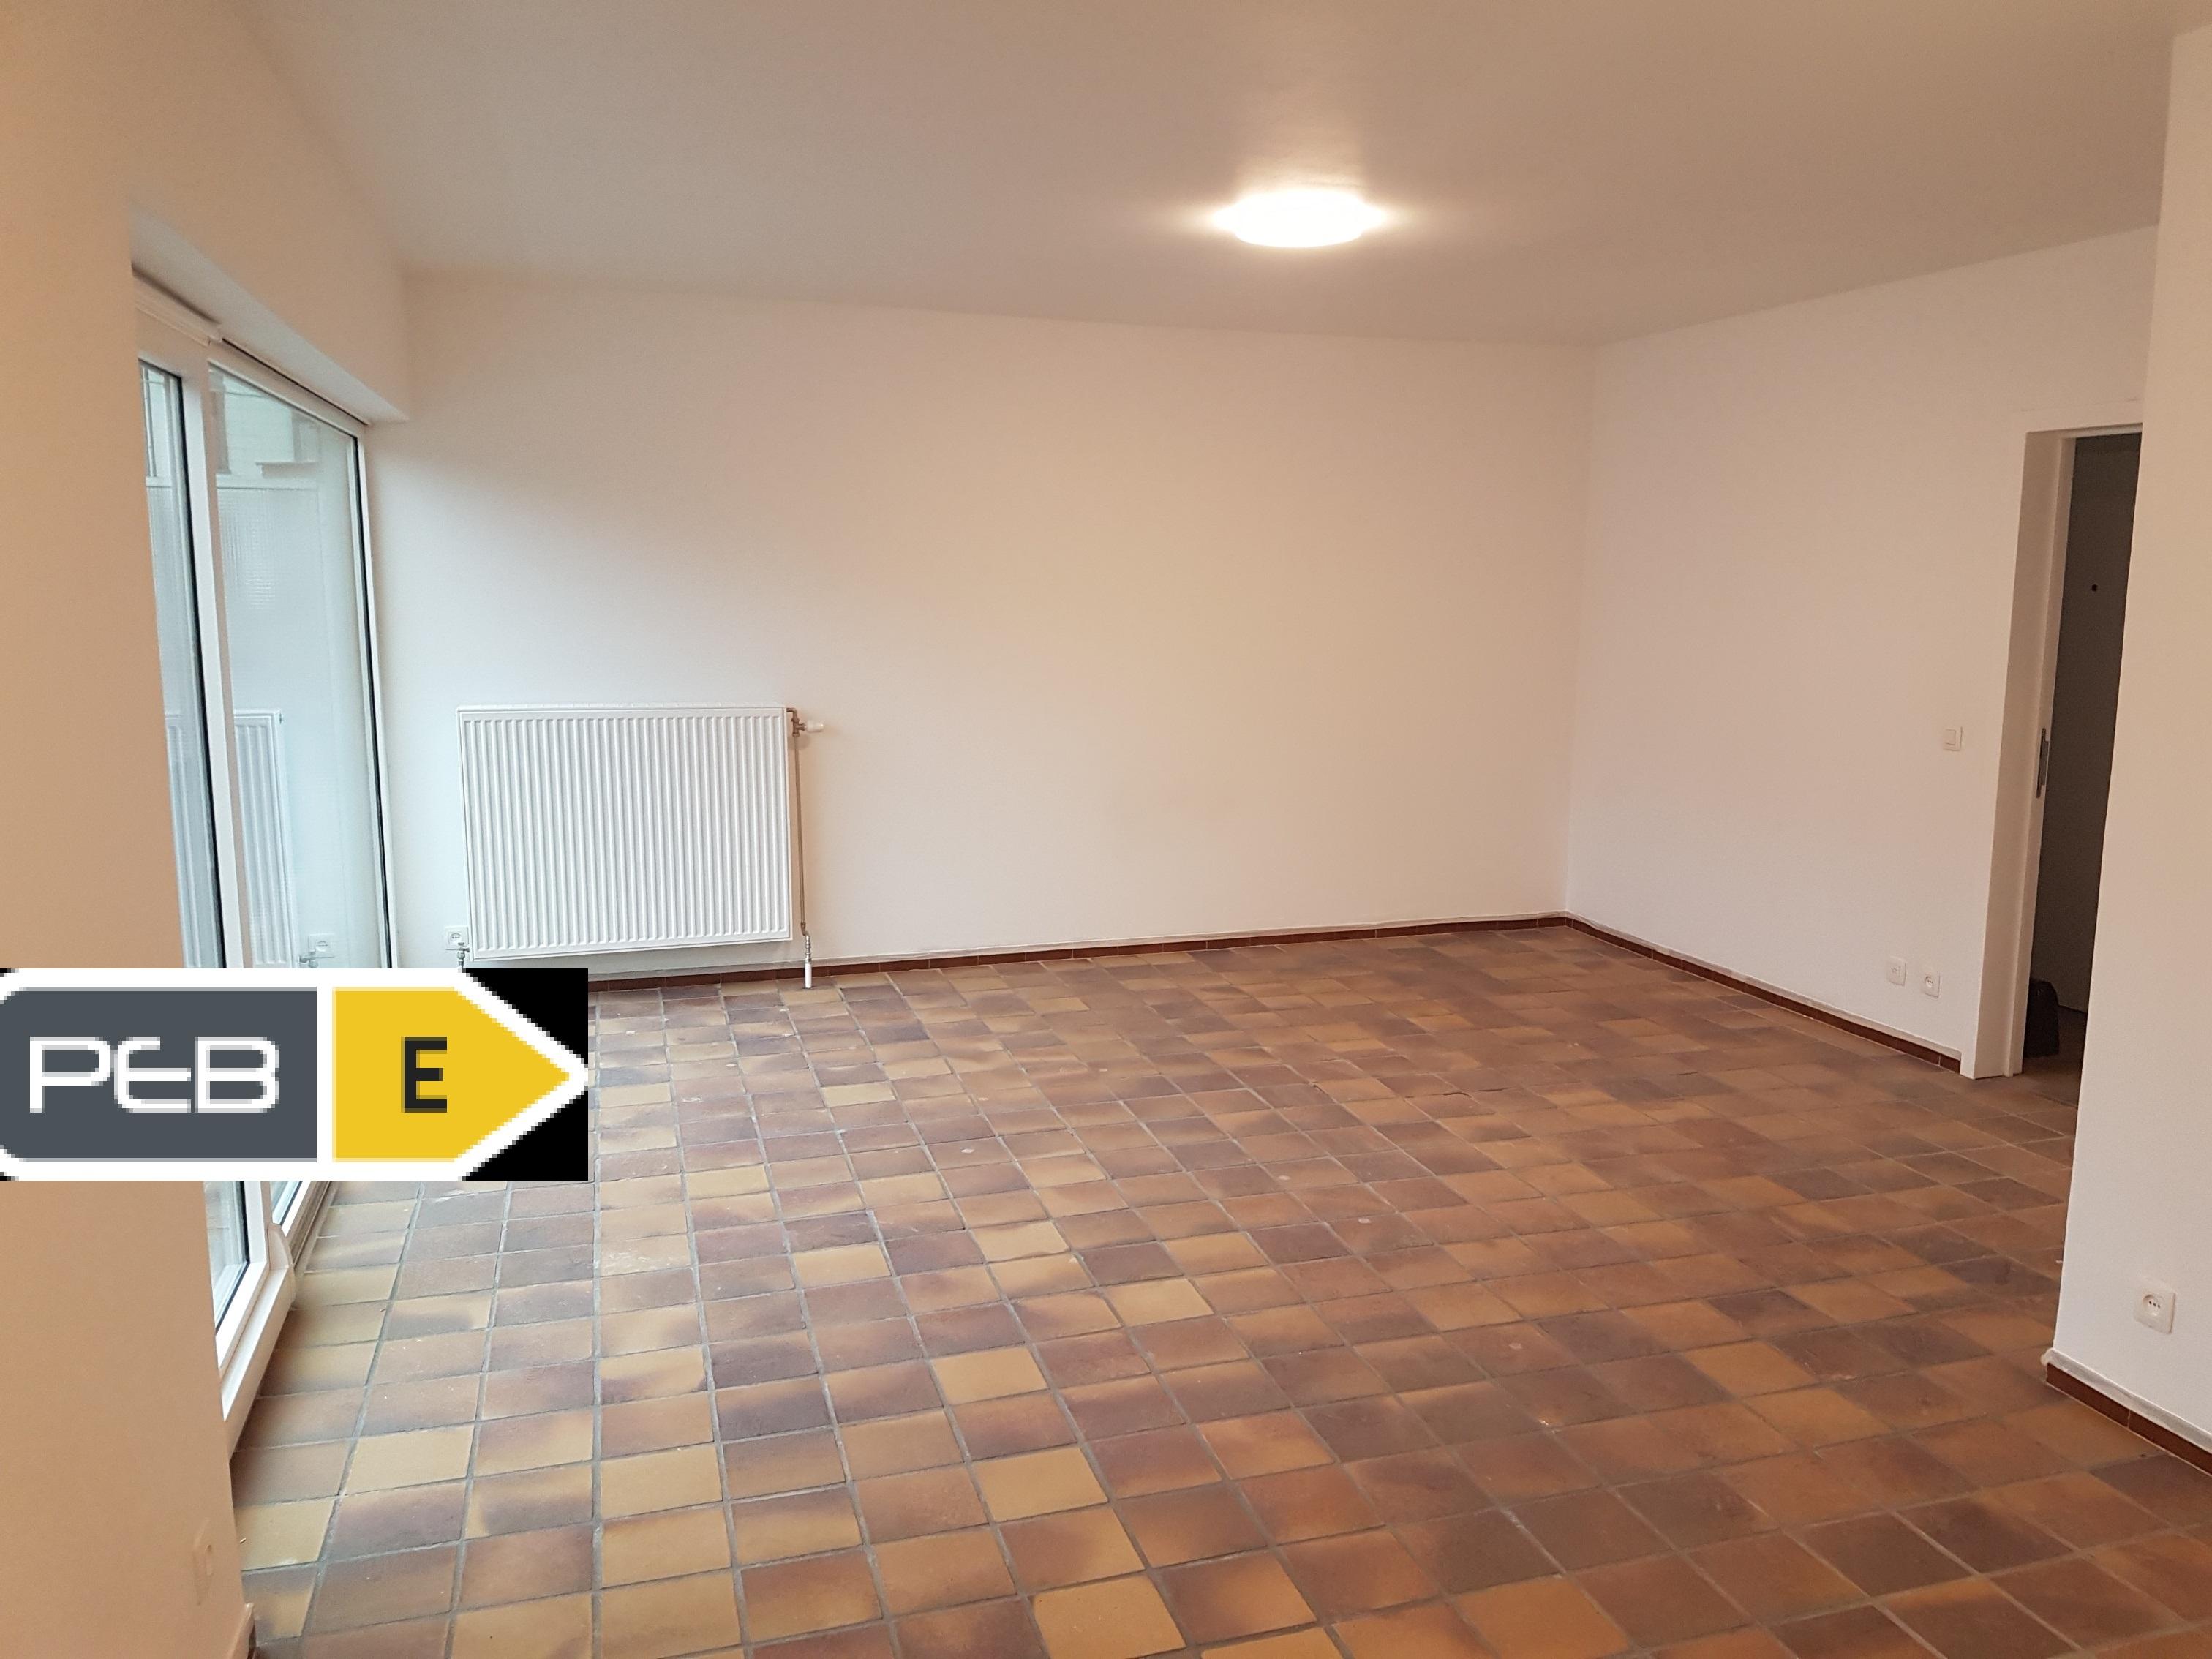 Magnifique appartement rénové à ROUX